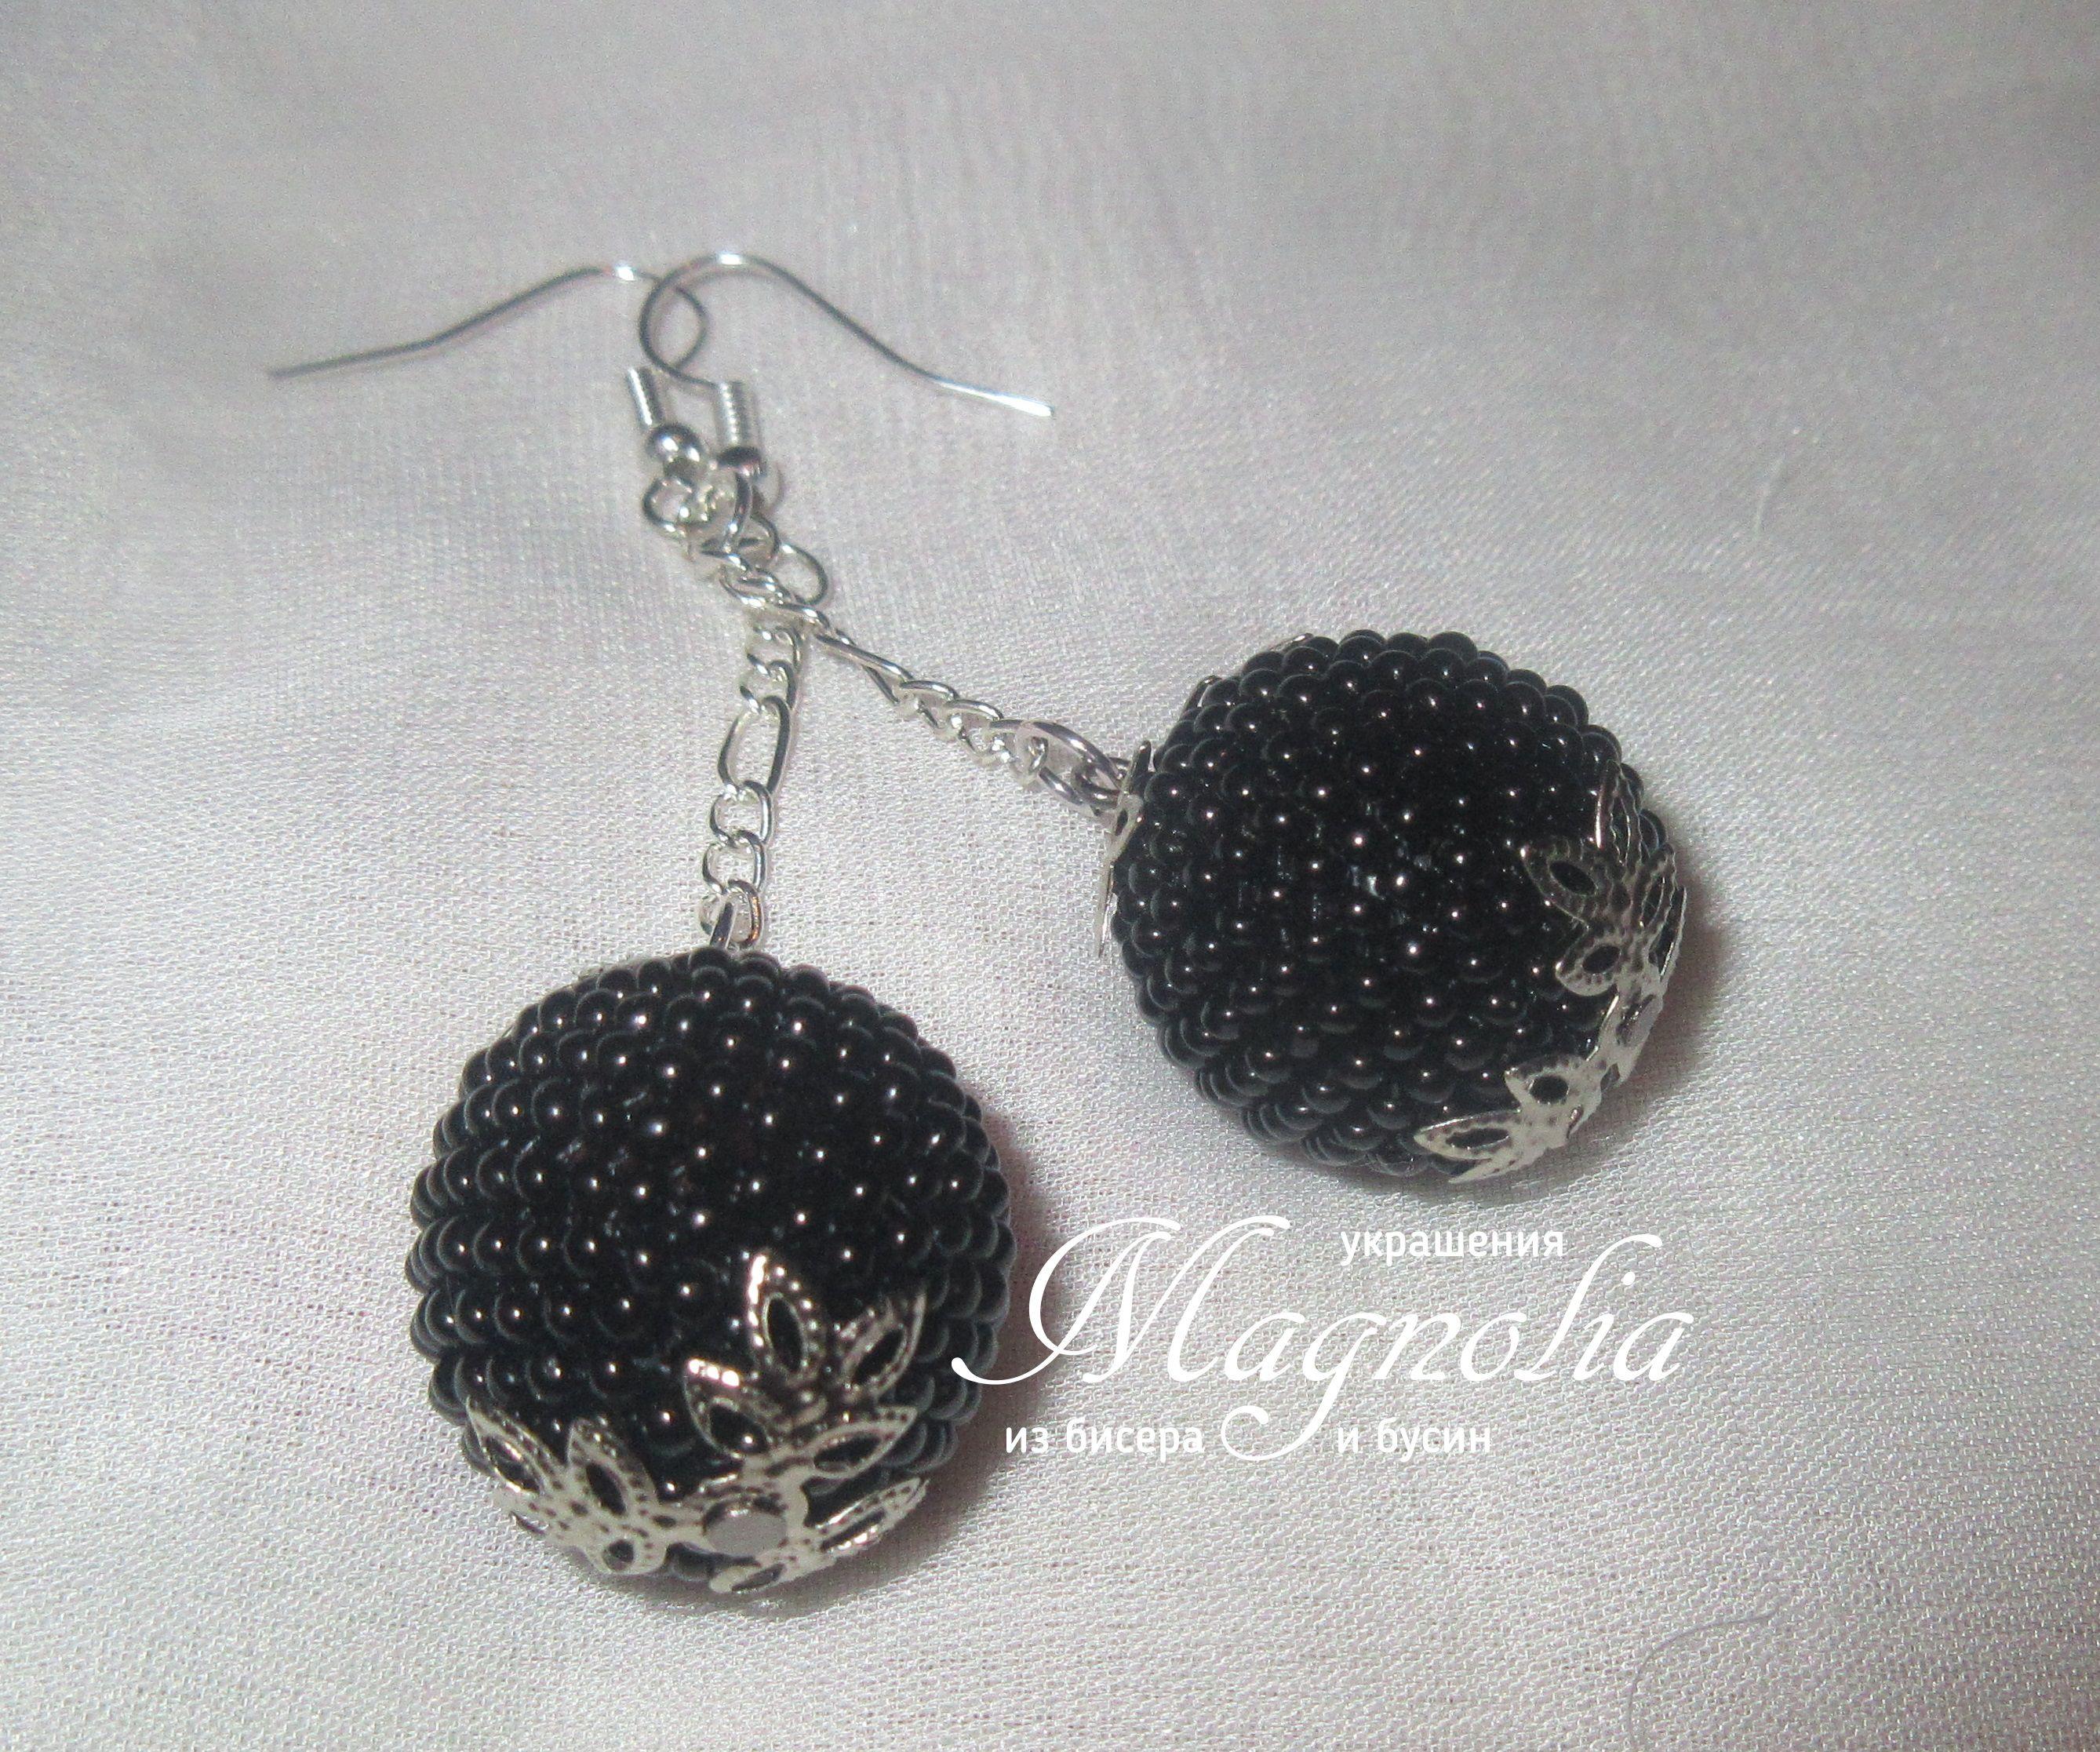 танцующиедиско magnoliya_hm серьги слюбовьюдлявас